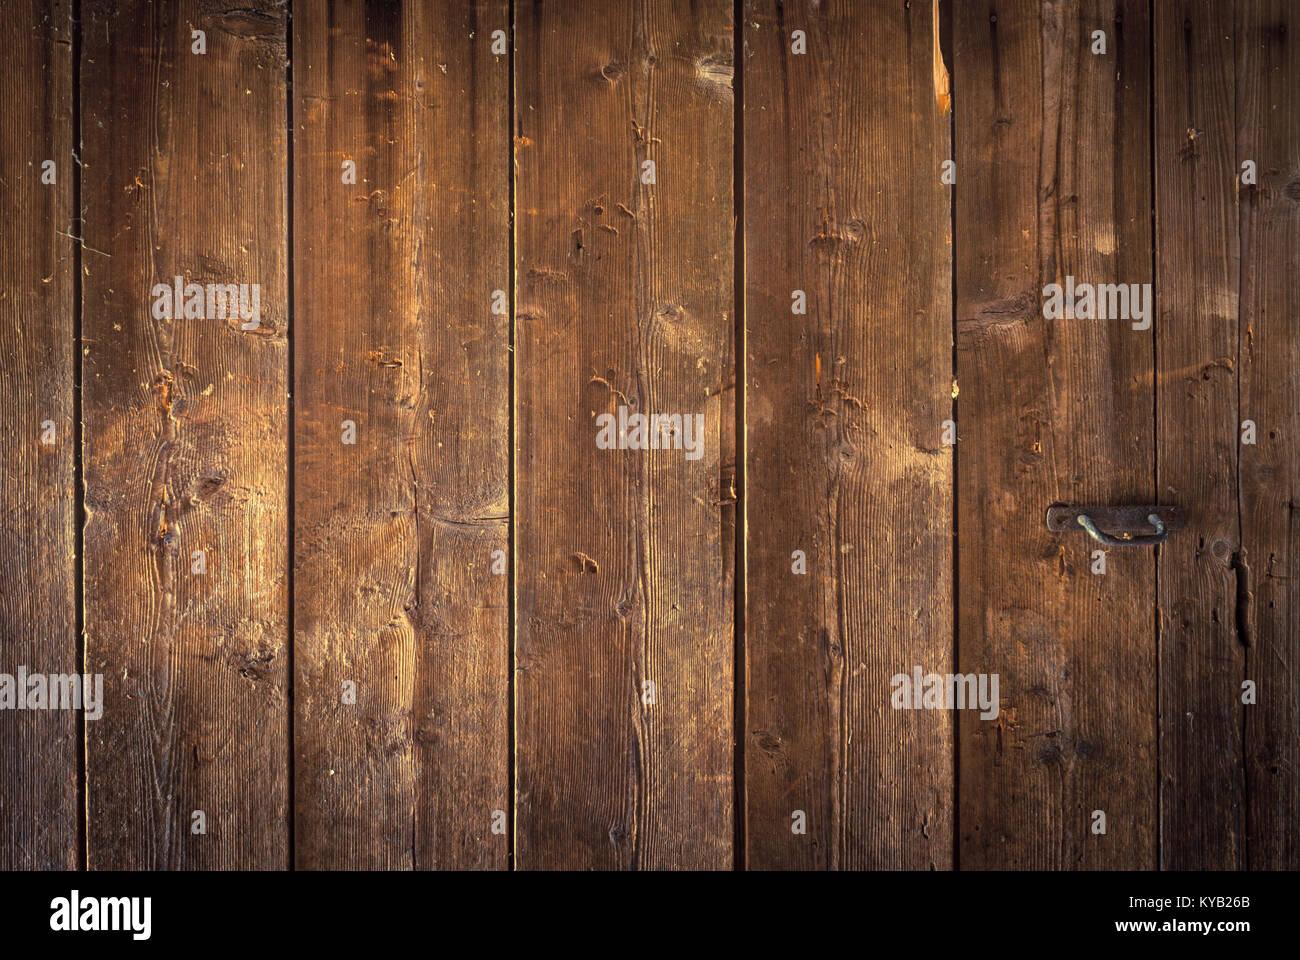 Part of the big old wooden doors of wide planks of old country house. & Part of the big old wooden doors of wide planks of old country house ...